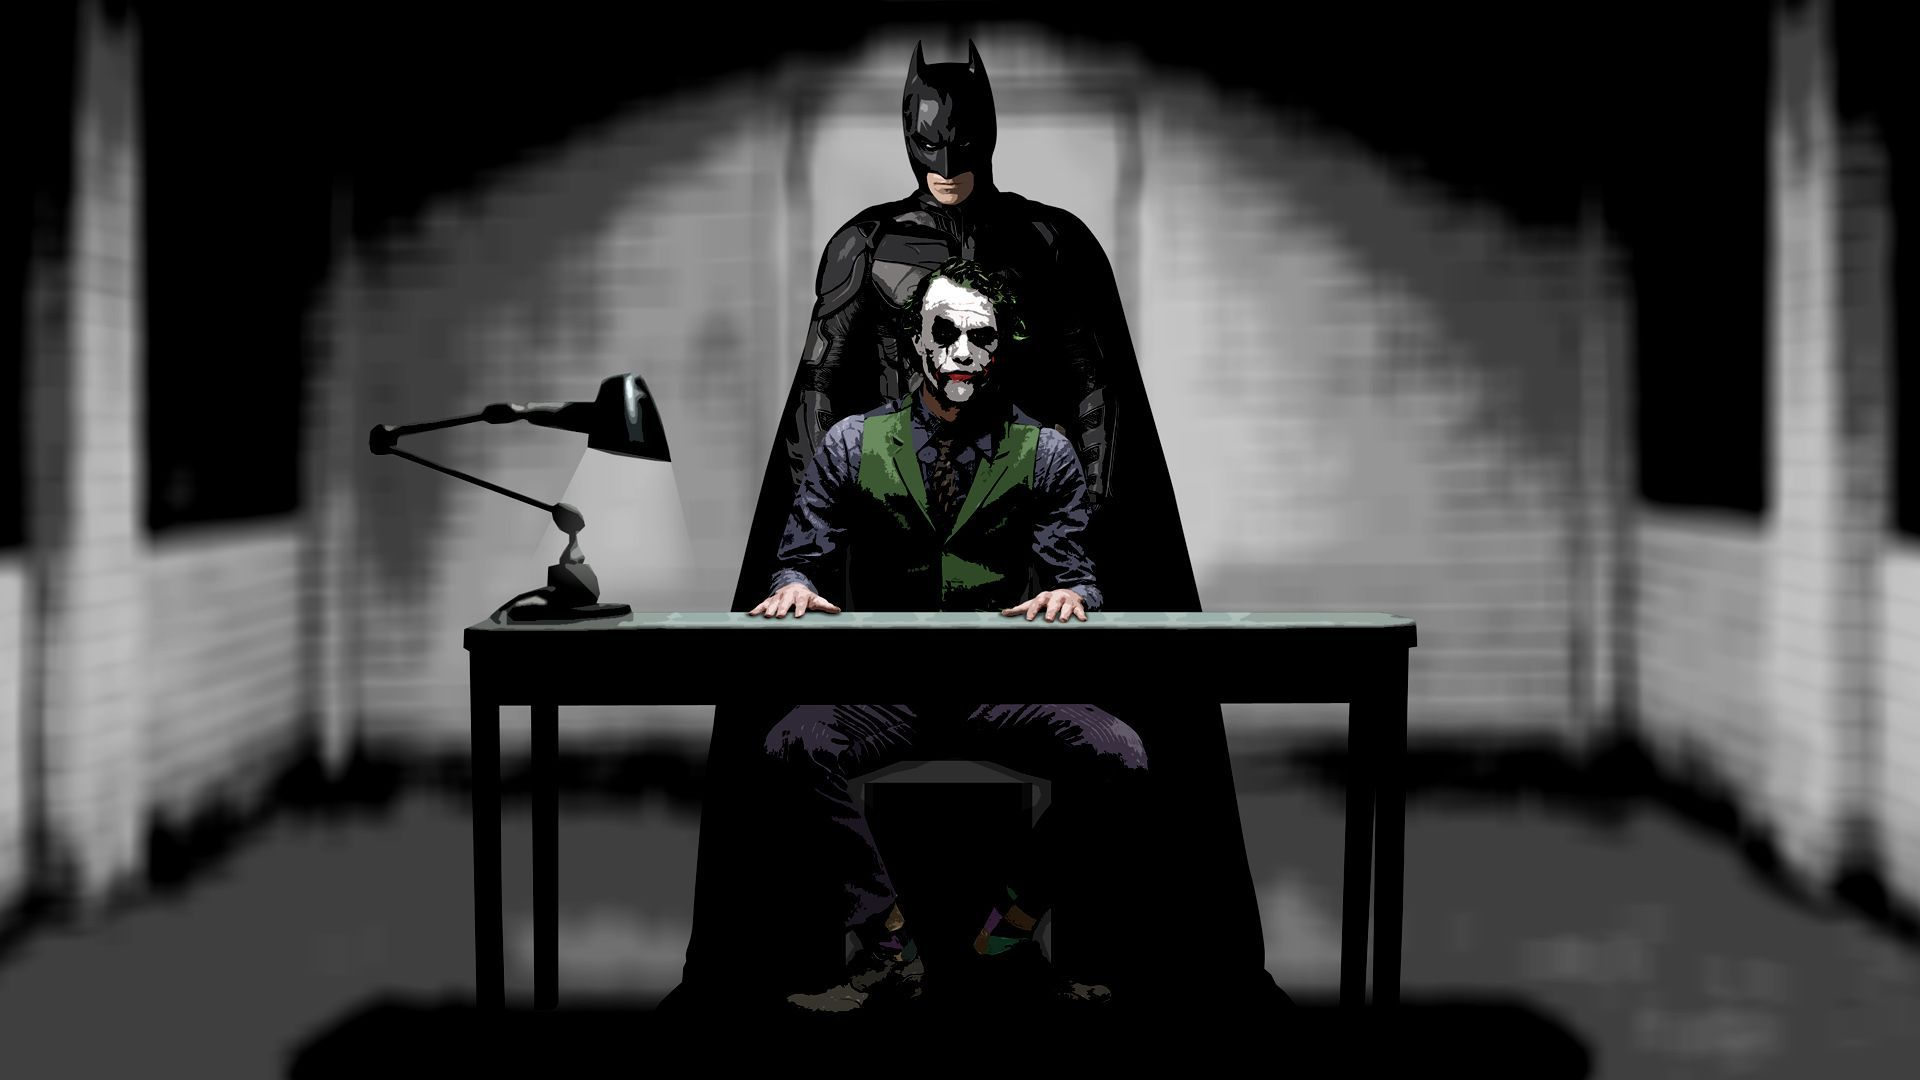 40 Gambar Batman Joker Wallpaper Hd 1080p Terbaru 2020 Batman Wallpaper The Joker Dark Knight